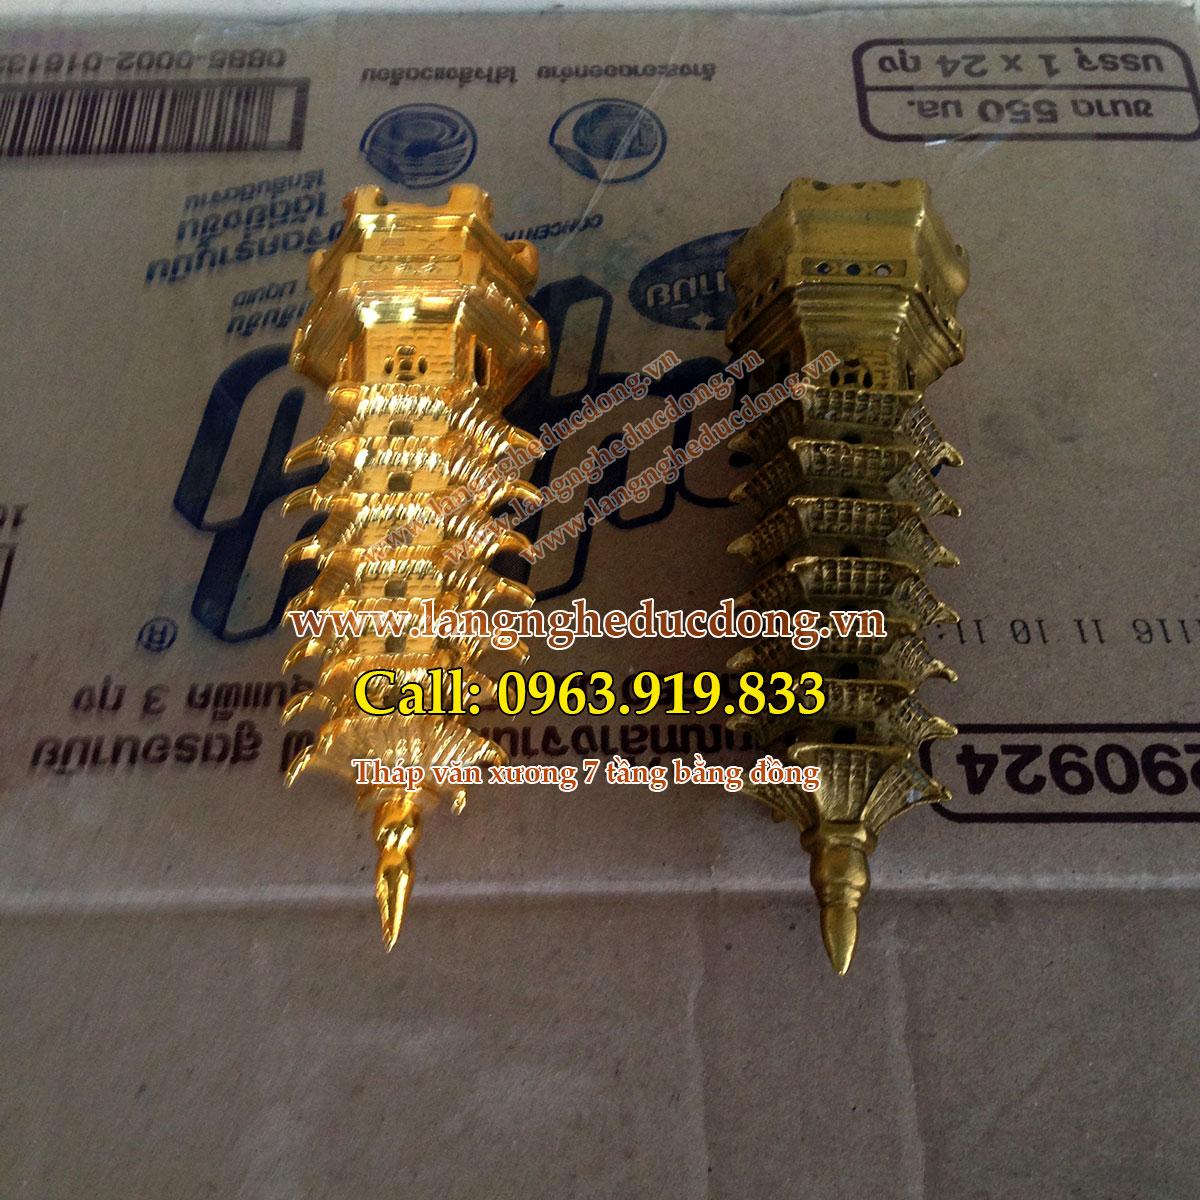 langngheducdong.vn - Tháp Văn Xương Phong Thủy – Linh Vật Tượng Trưng Cho Phát Huy Tài Học